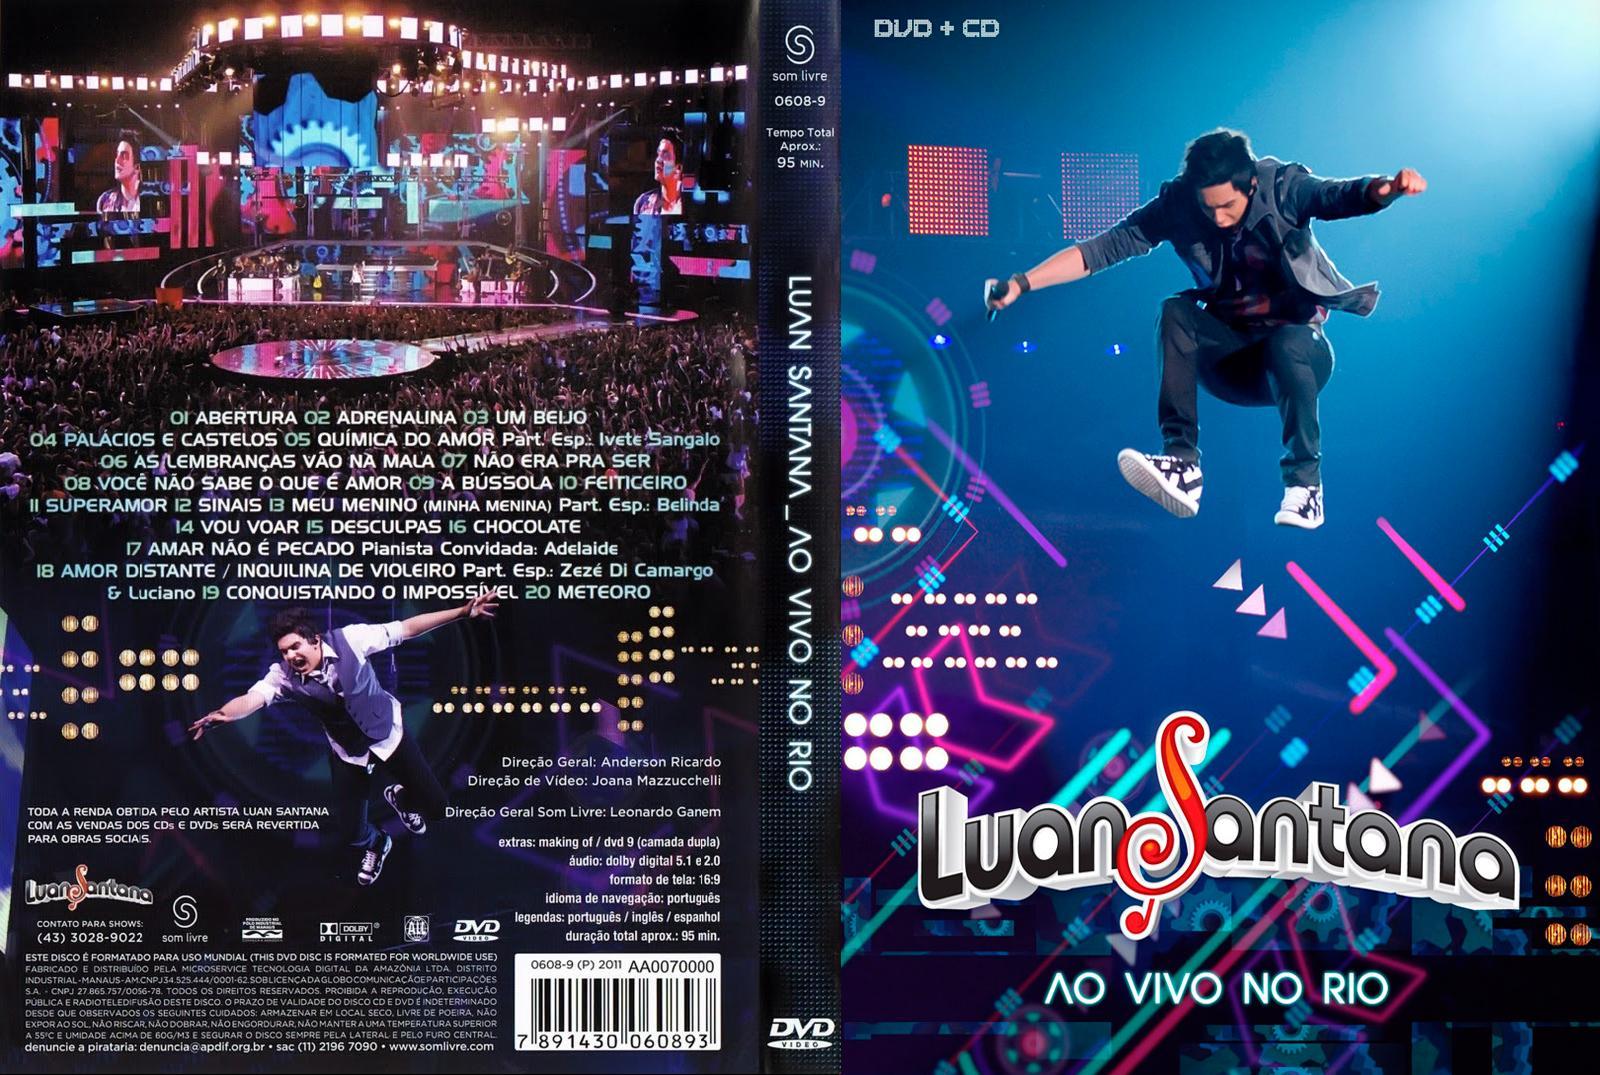 BAIXAR E O COMPLETO NOSSO DVD LUAN TEMPO SANTANA HOJE